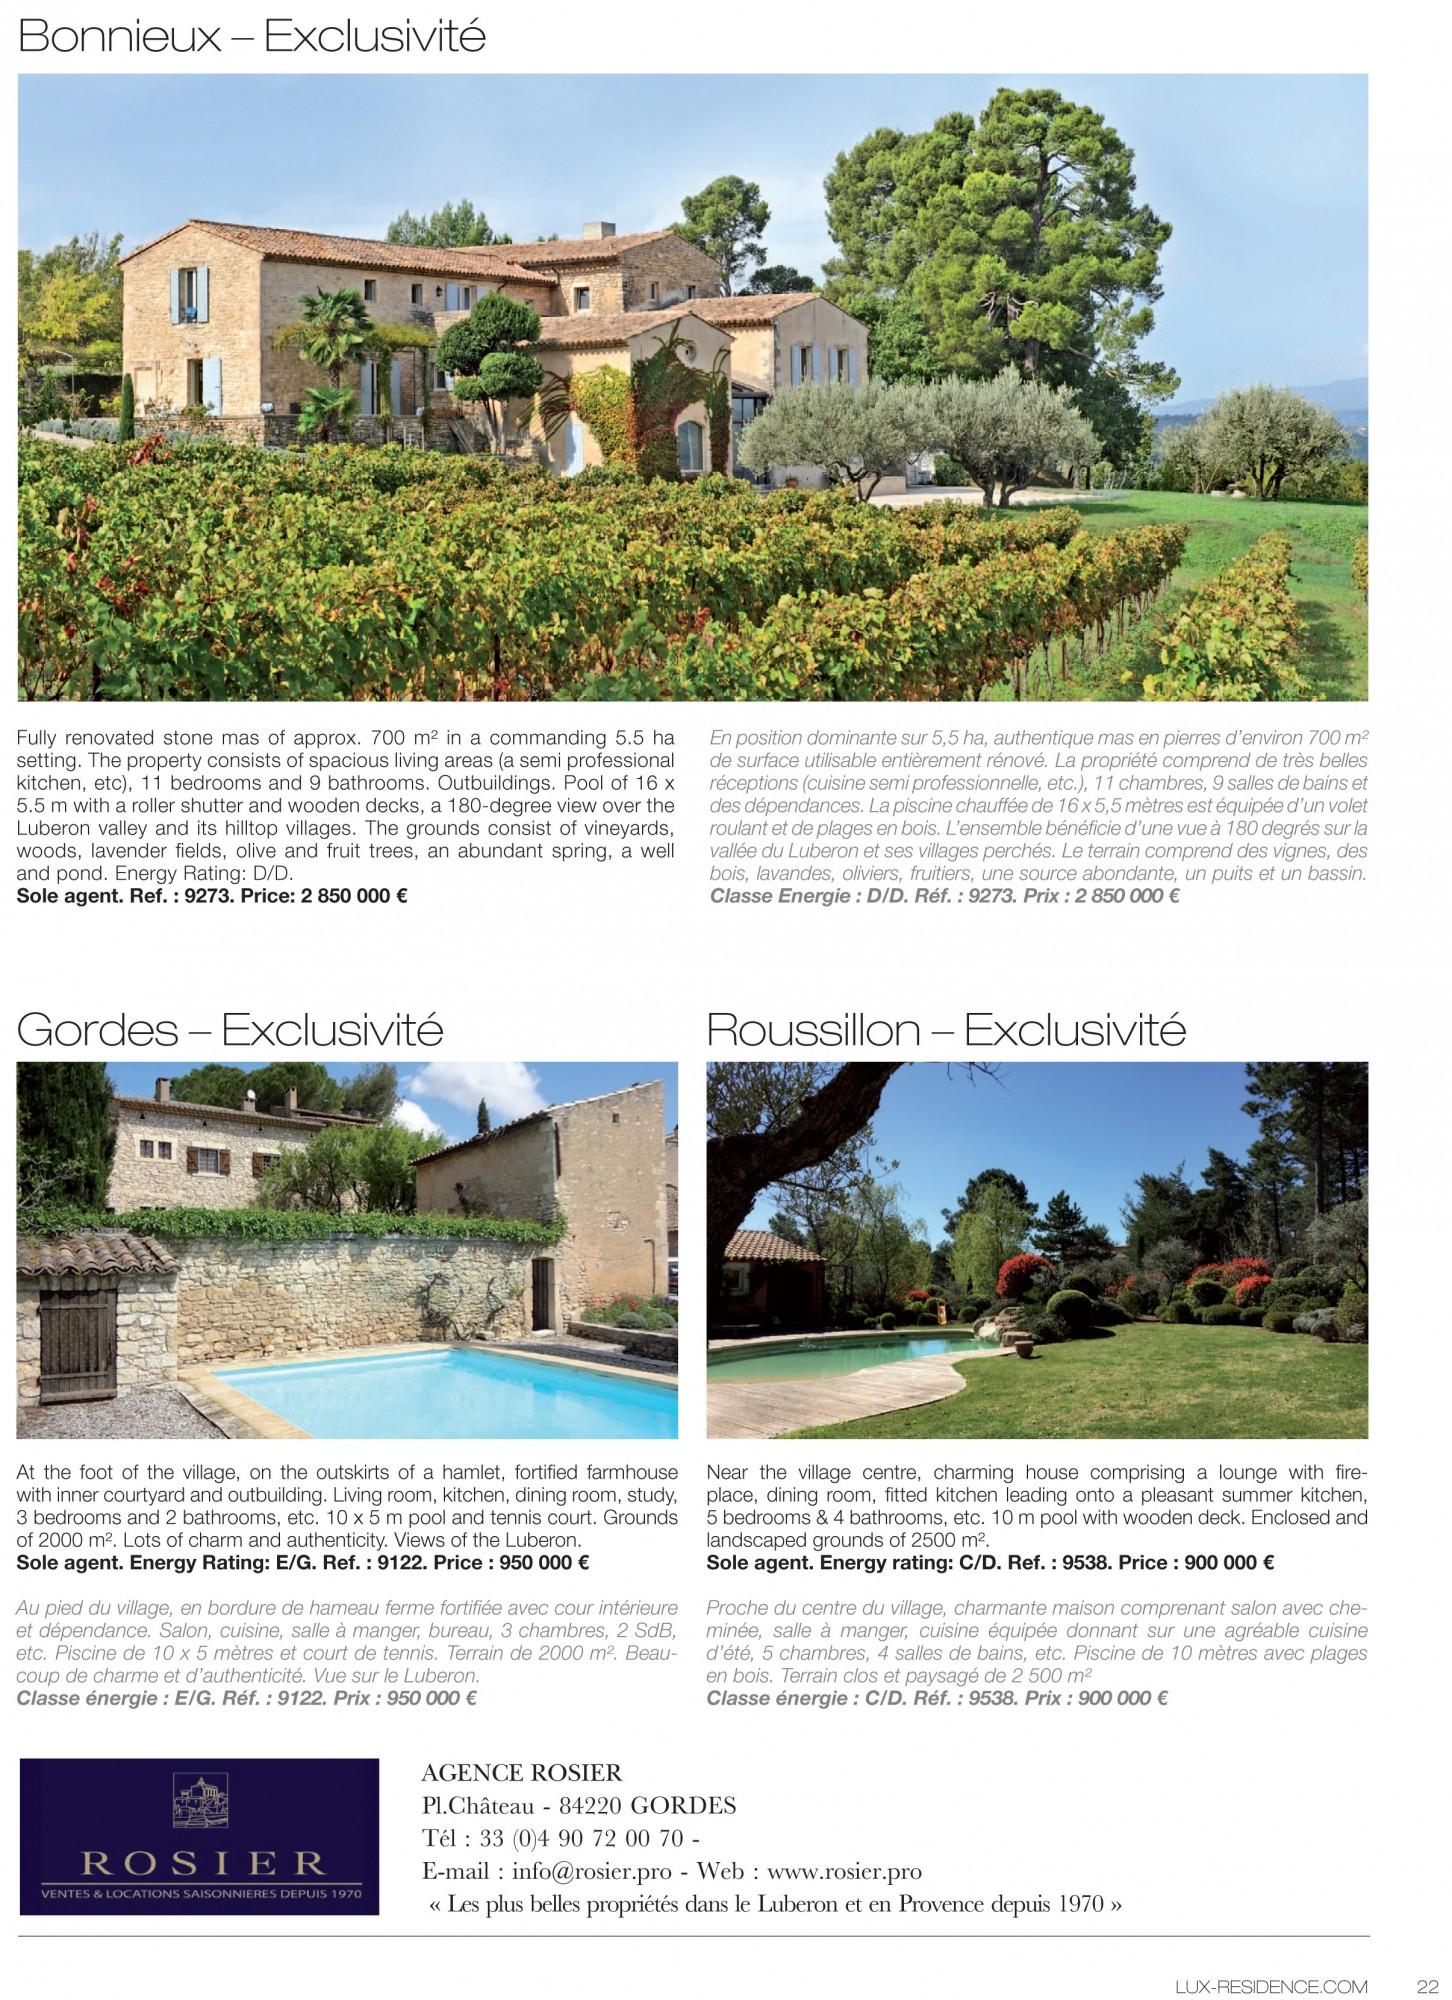 Lux Résidence, propriété de Rosier Immobilier